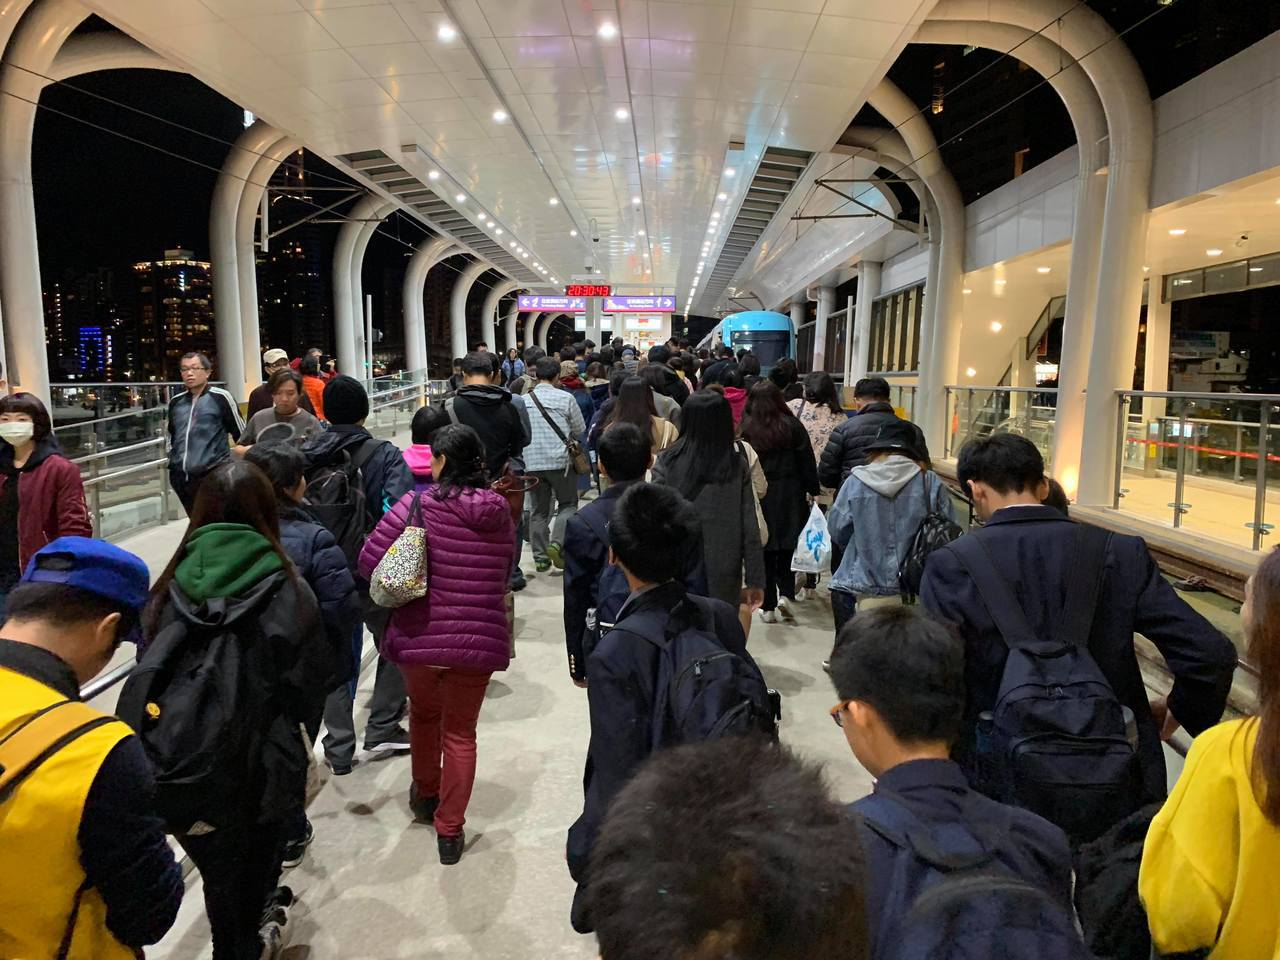 晚間8點半左右,輕軌紅樹林站陸續出現從北市下班課,要返回淡水的人潮。圖/民眾提供